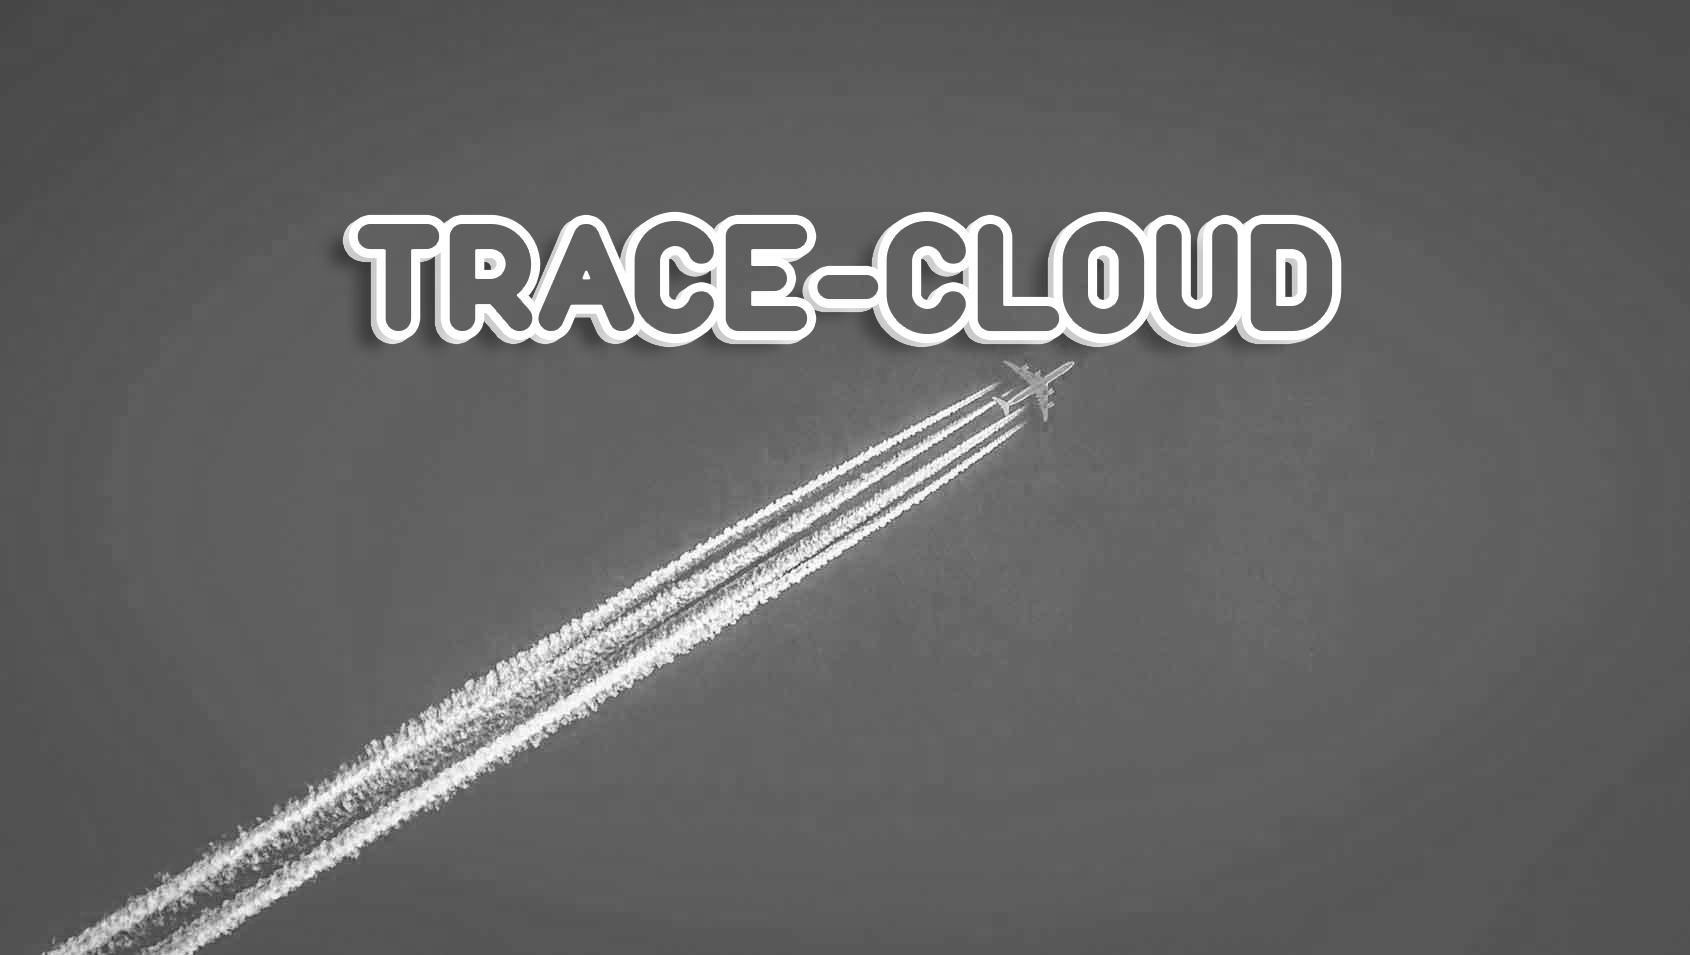 Trace-Cloud - ИНФОТЕХ